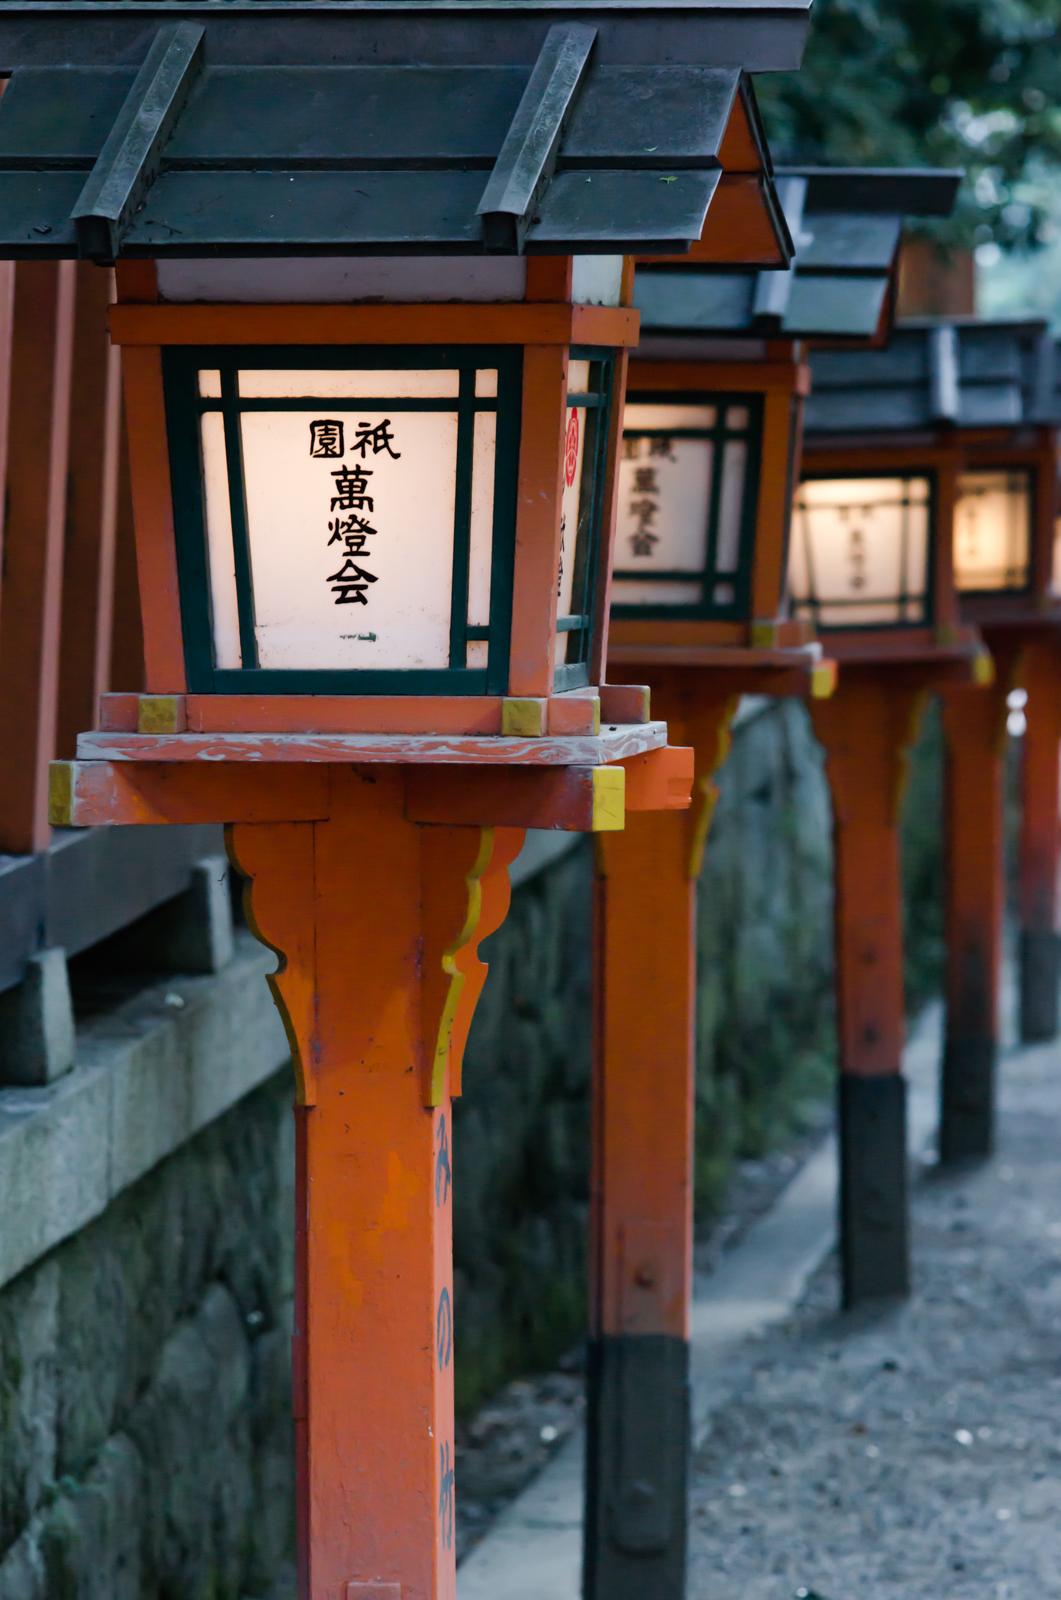 京都にて奥行きがある構図で撮影した祇園の灯篭の写真